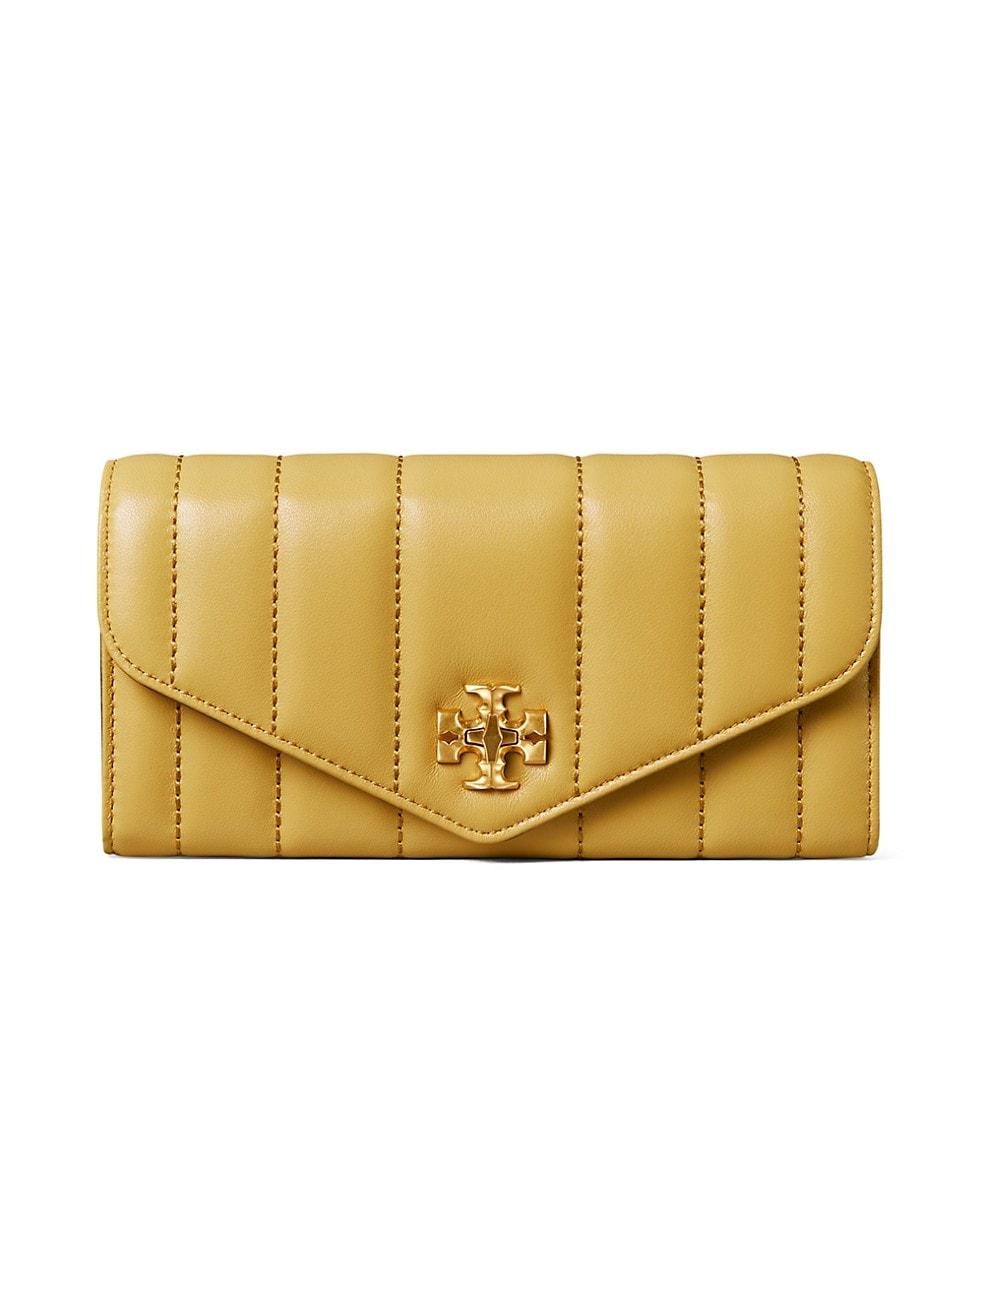 토리버치 지갑 Tory Burch Kira Leather Envelope Wallet,BEESWAX